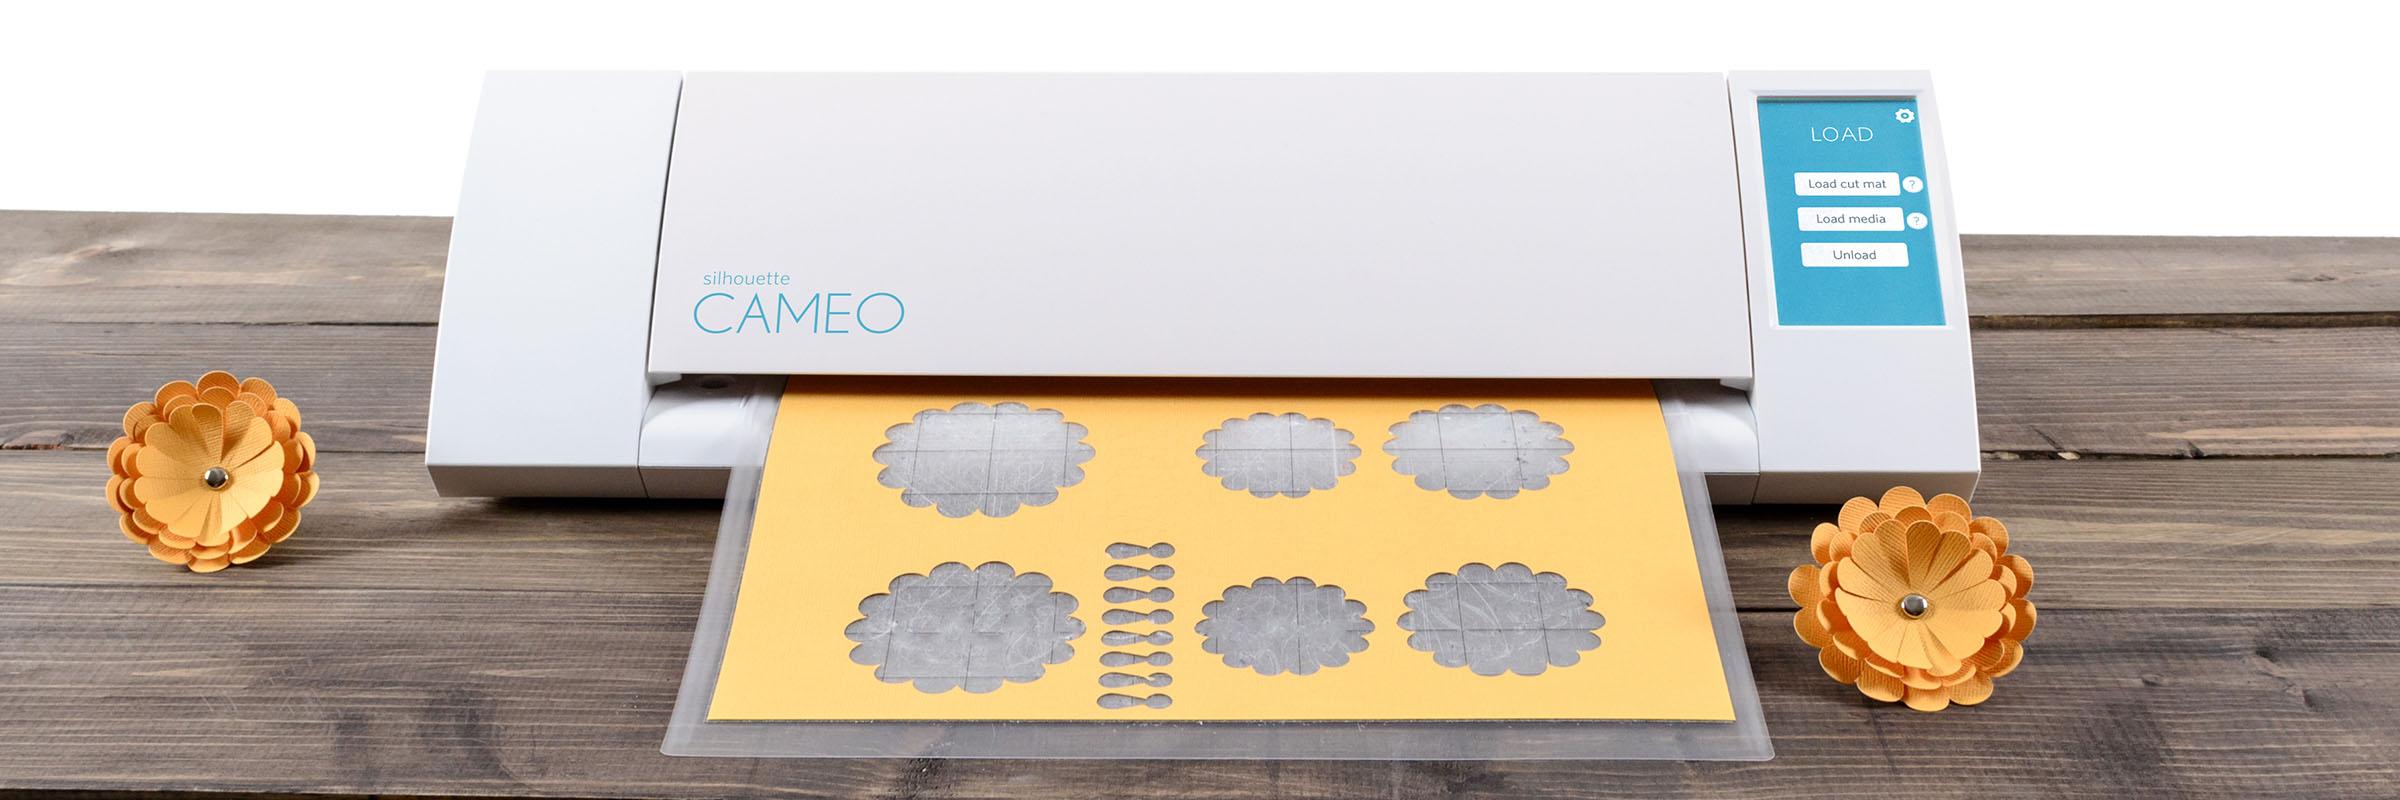 newcameo-frontmatflowers.jpg